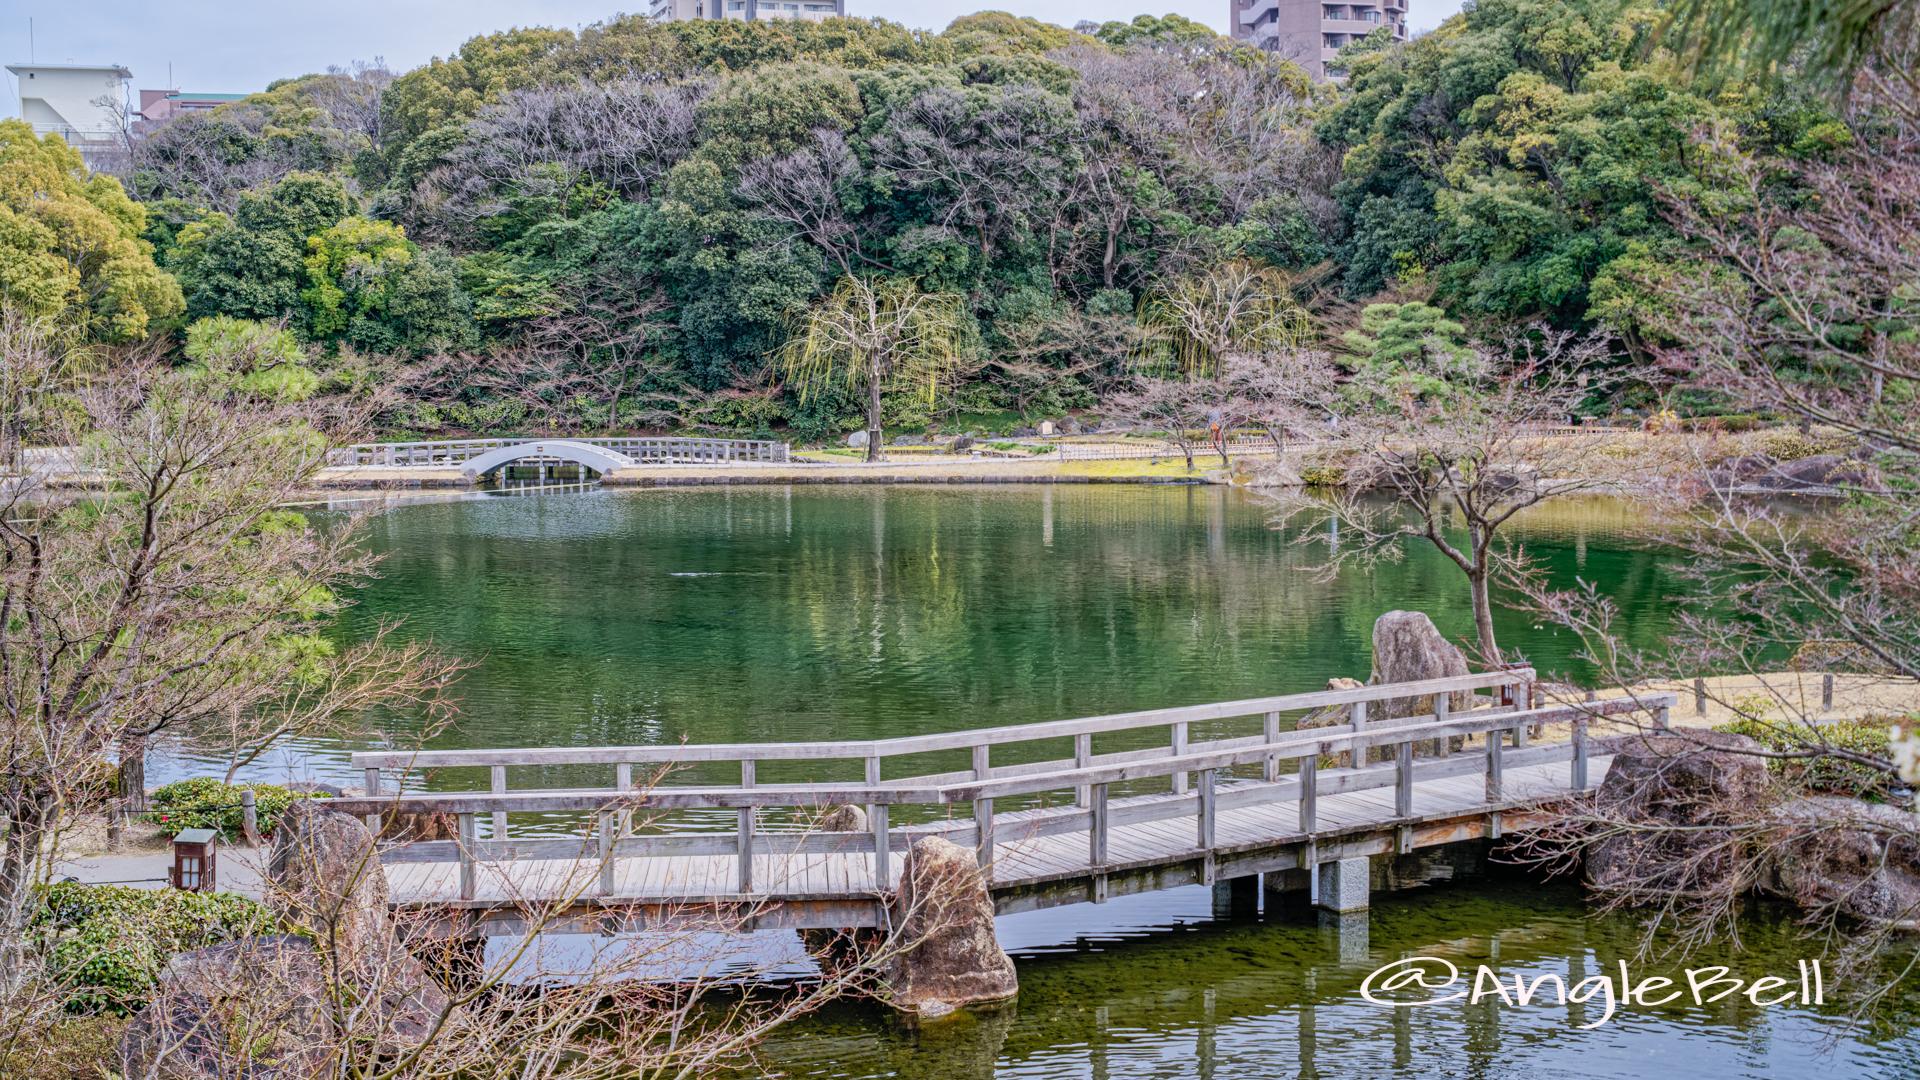 徳川園 瑞龍亭側から見る龍仙湖と太鼓橋